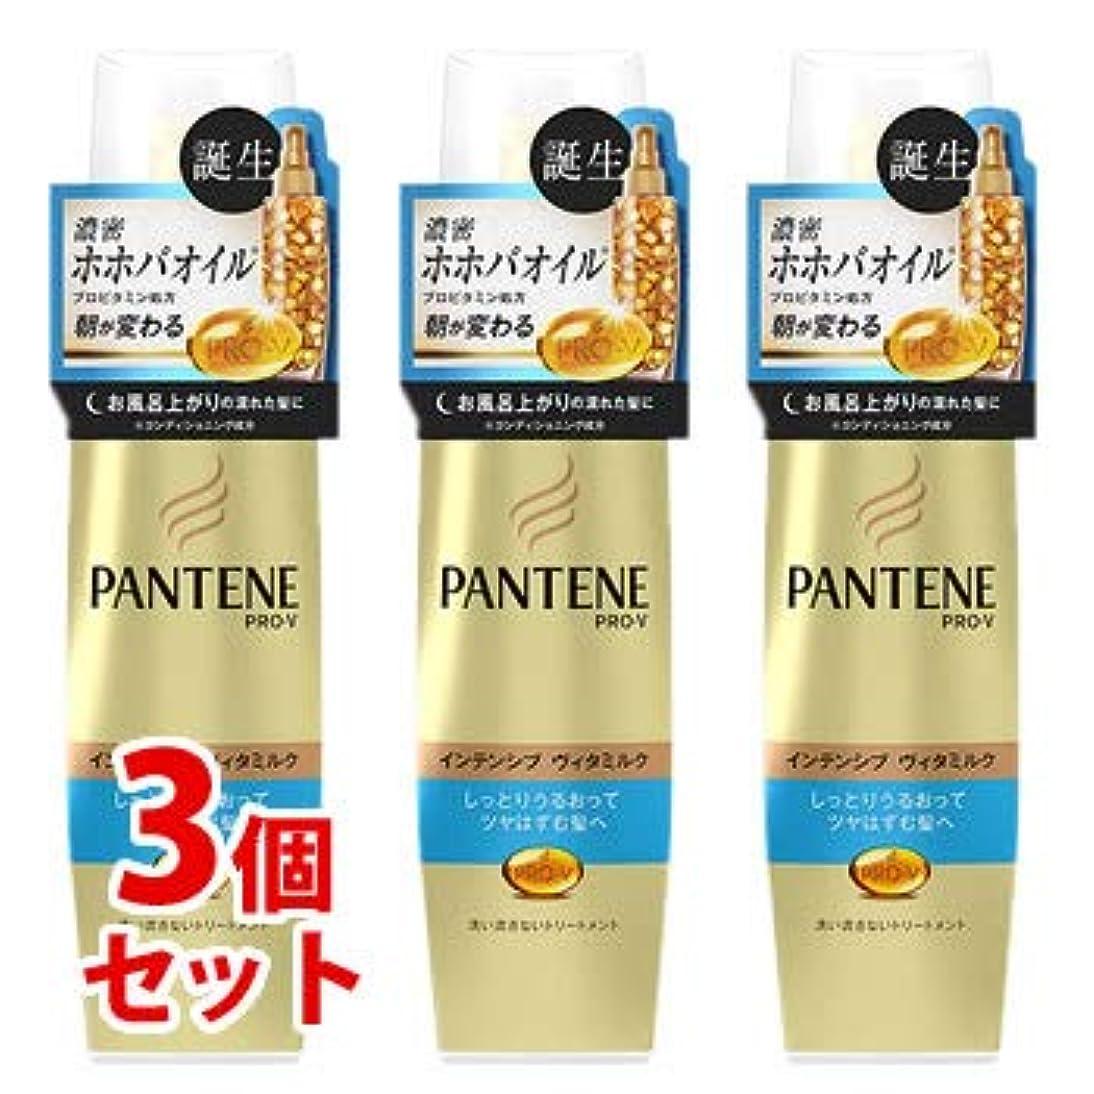 炭水化物無法者学校の先生《セット販売》 P&G パンテーン モイストスムースケア インテンシブヴィタミルク パサついてまとまらない髪用 (100mL)×3個セット 洗い流さないトリートメント